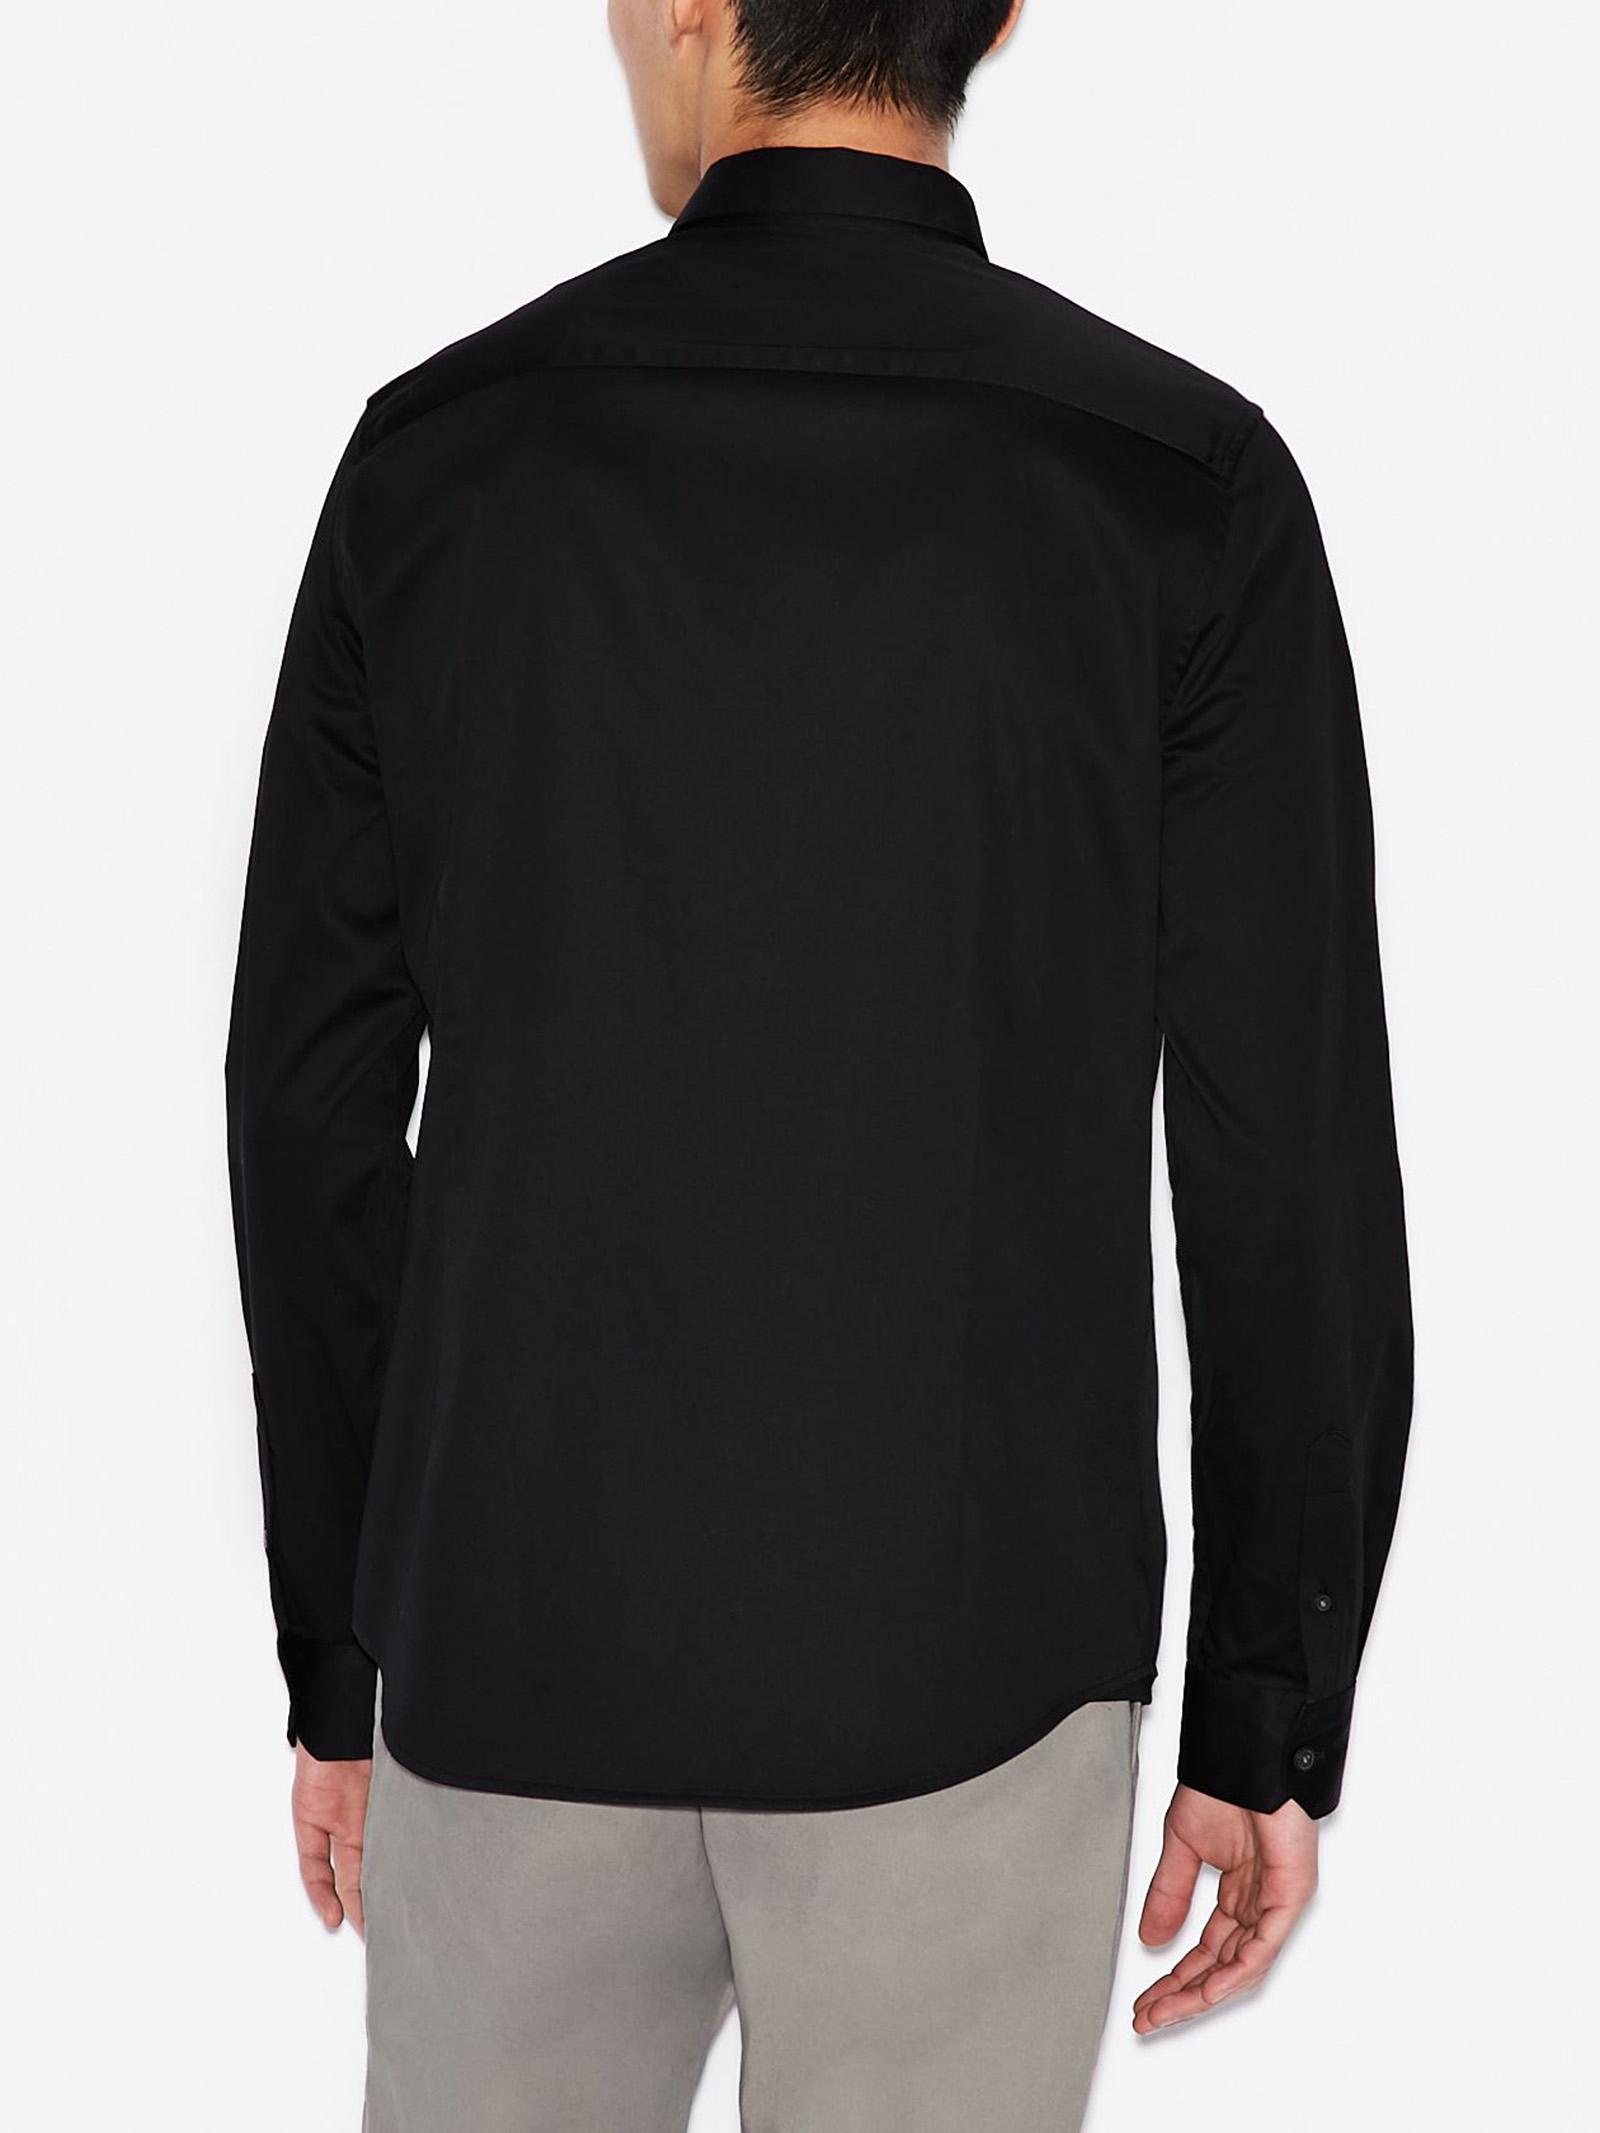 Camicia slim fit in cotone elasticizzato ARMANI EXCHANGE   Camicia   8NZCBD/ZN10Z1200